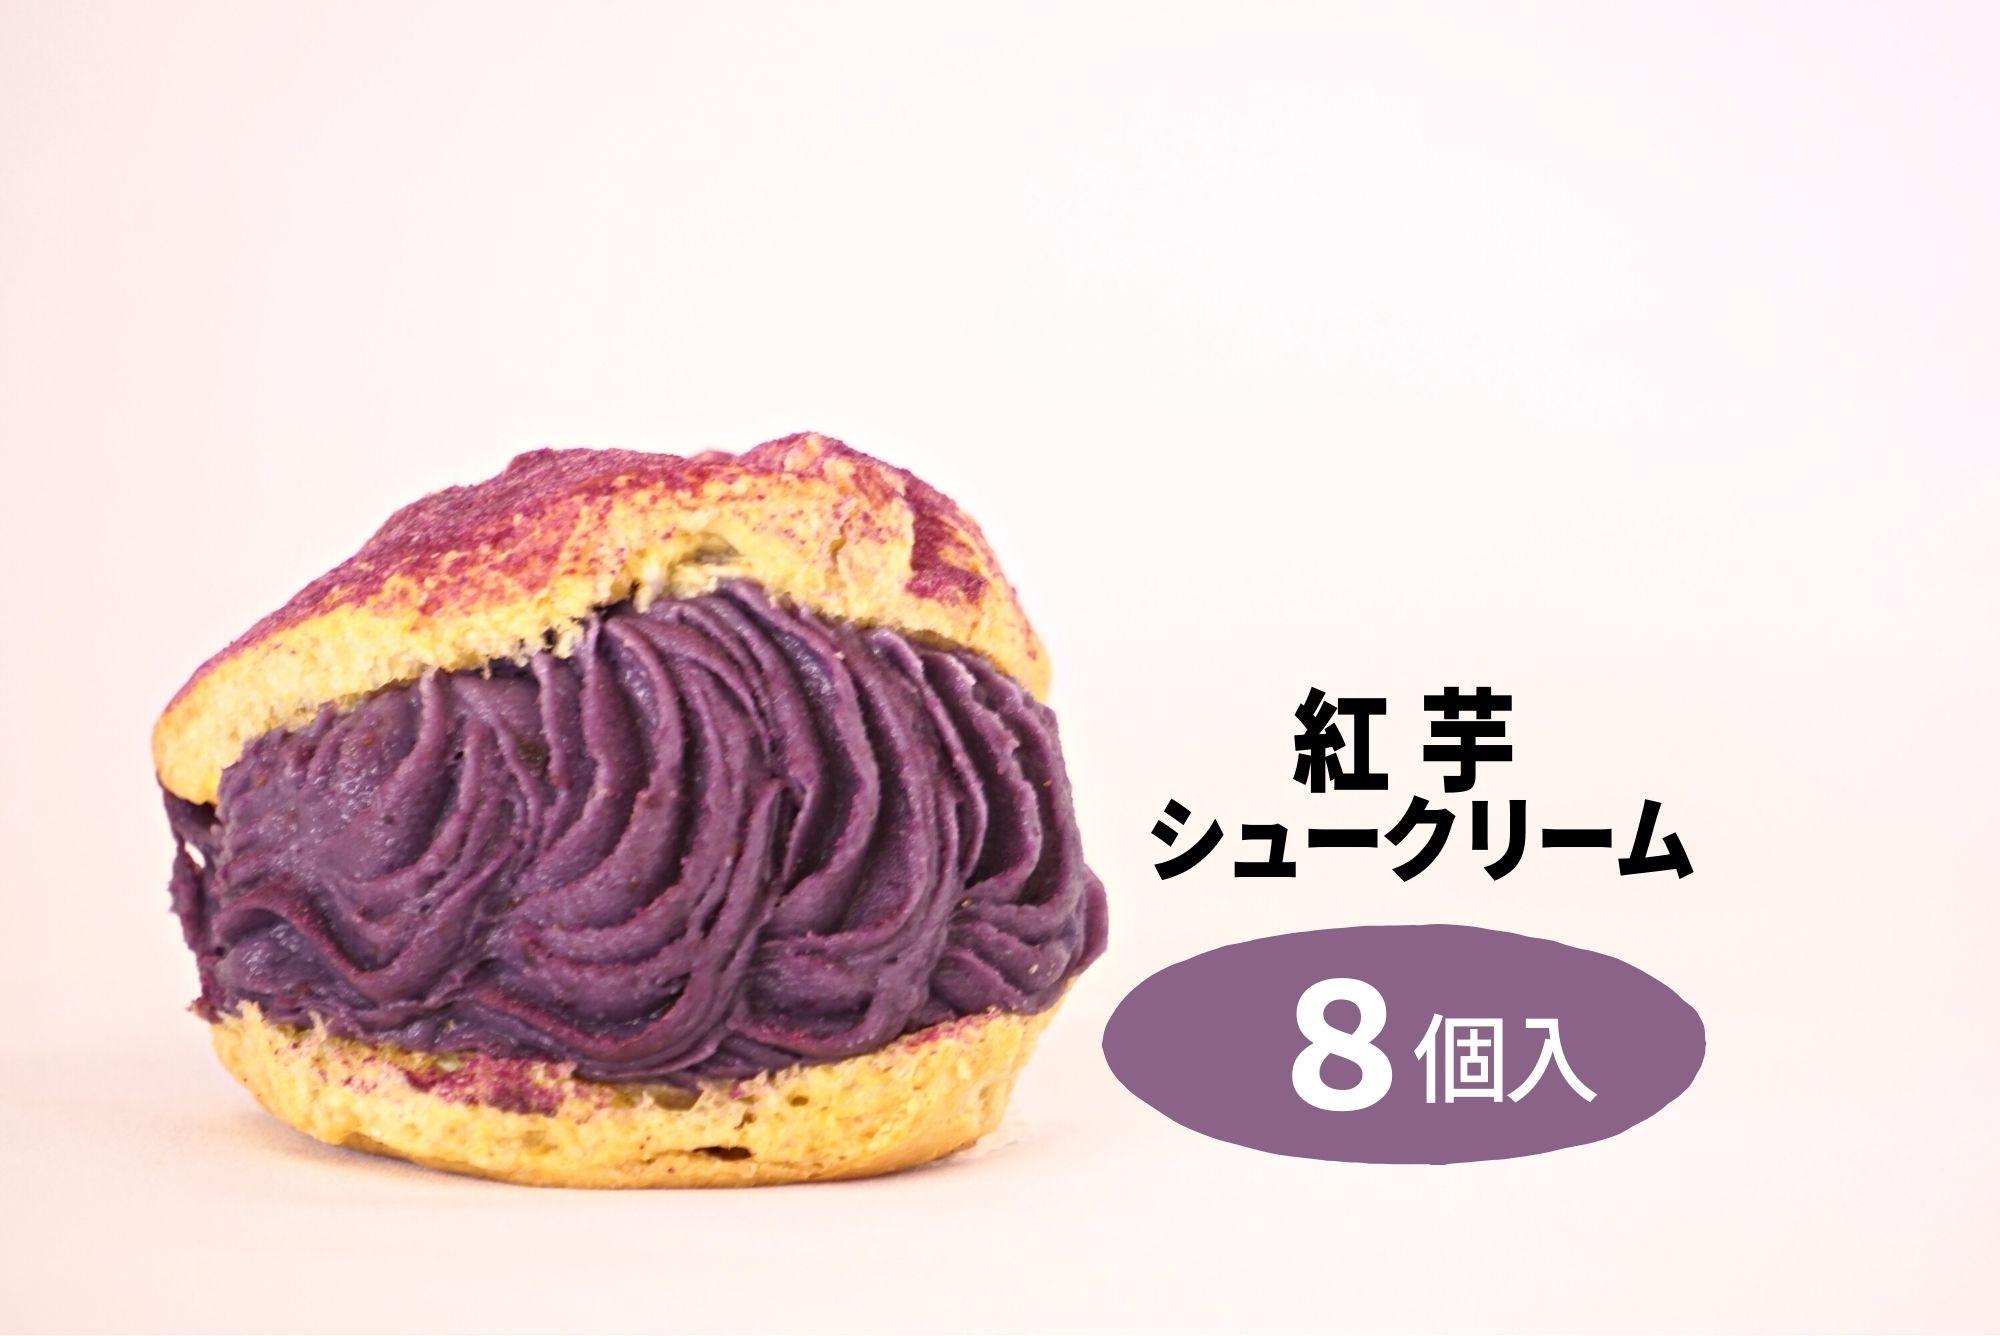 YUNAMI FACTORYオリジナル 冷凍 紅芋シュークリーム 8コ入り